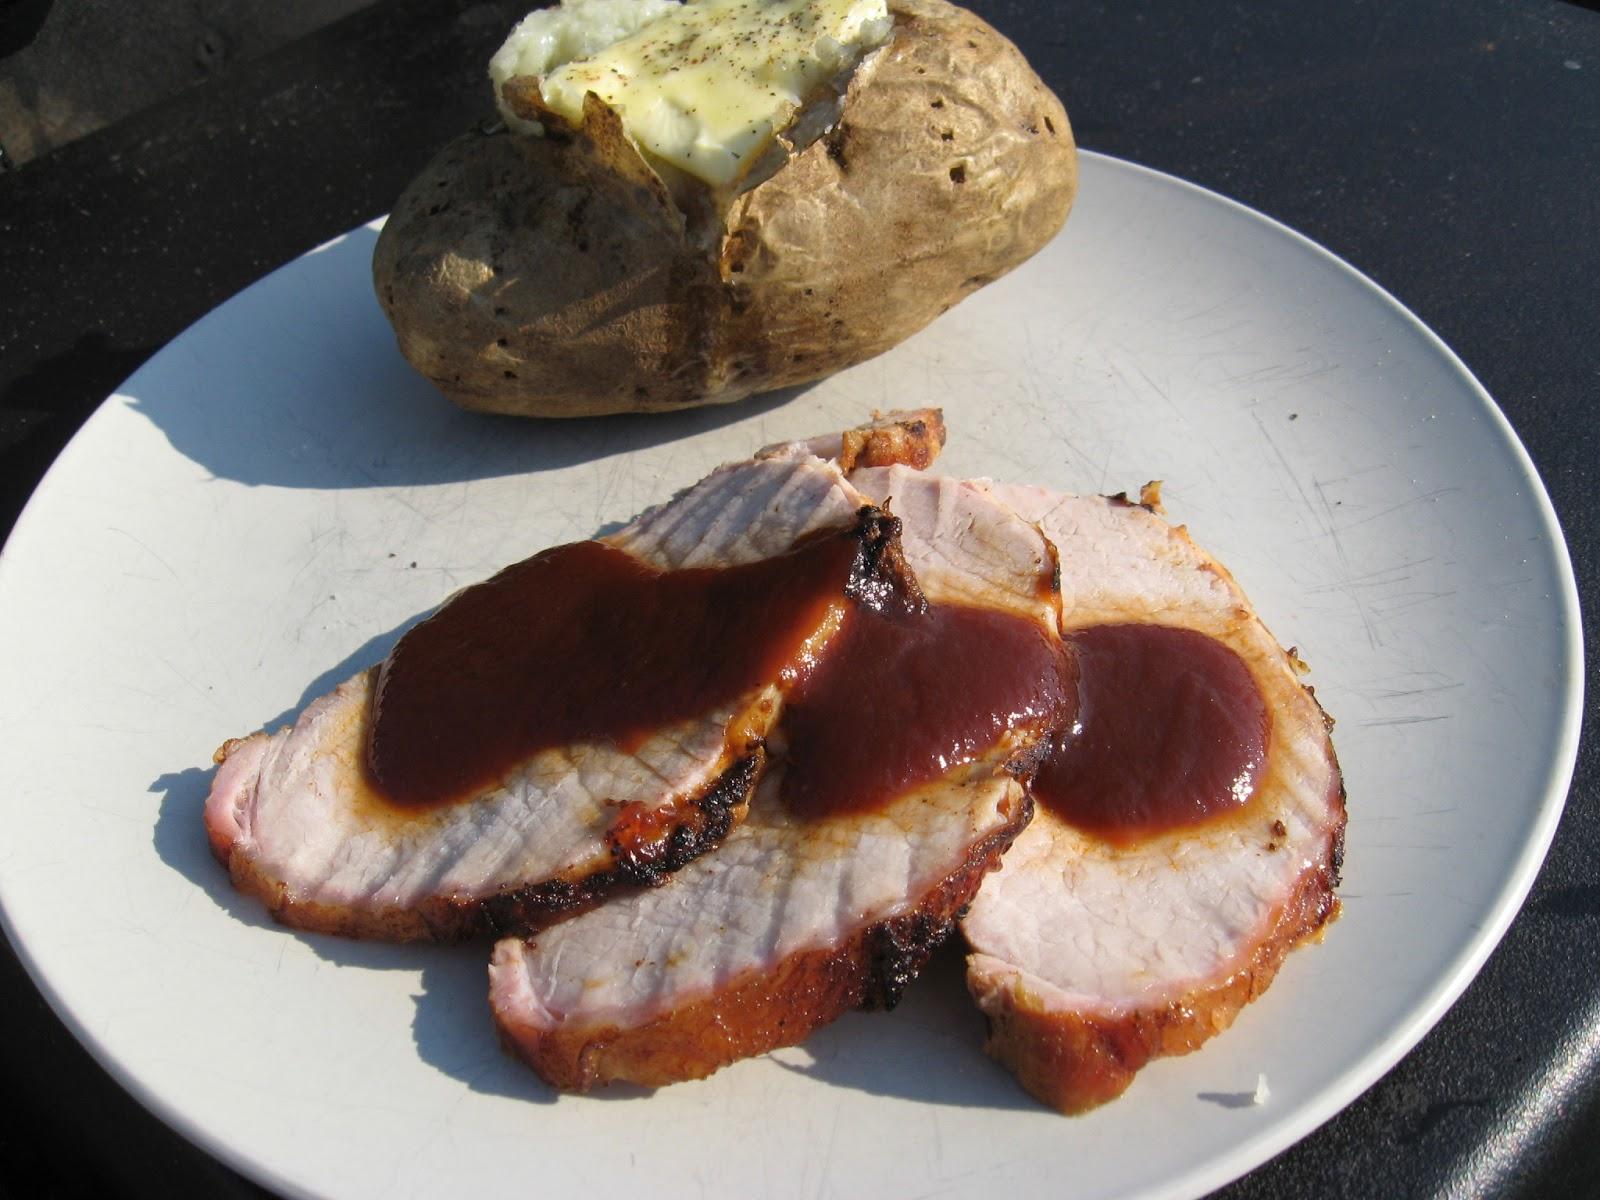 Recettes de flipp longe de porc marin e la bi re et napp e de sauce bbq au dr pepper - Que faire au barbecue original ...